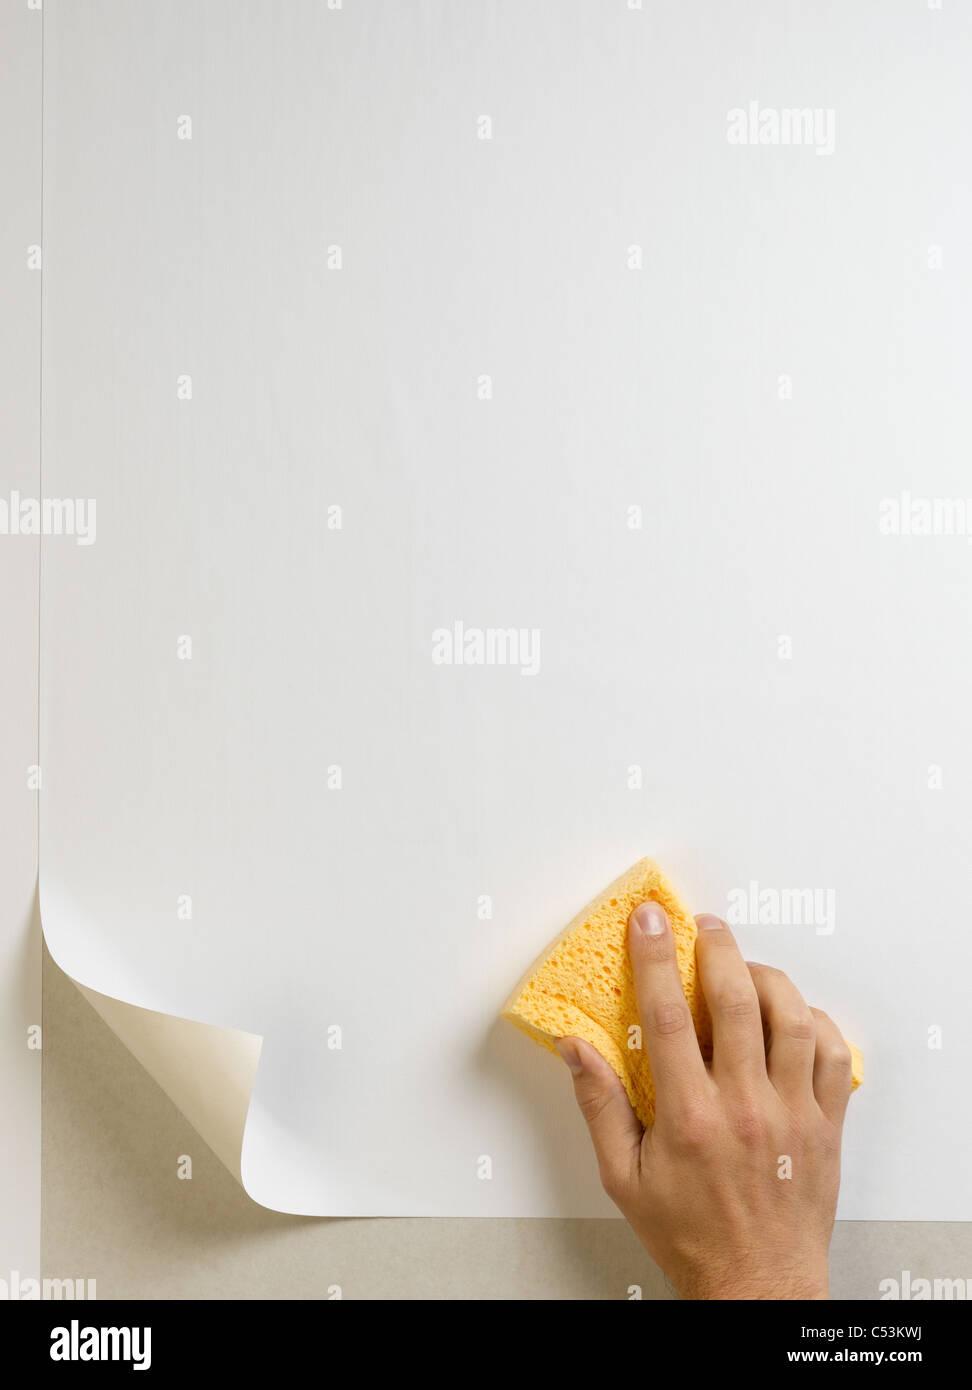 hanging wallpaper - Stock Image